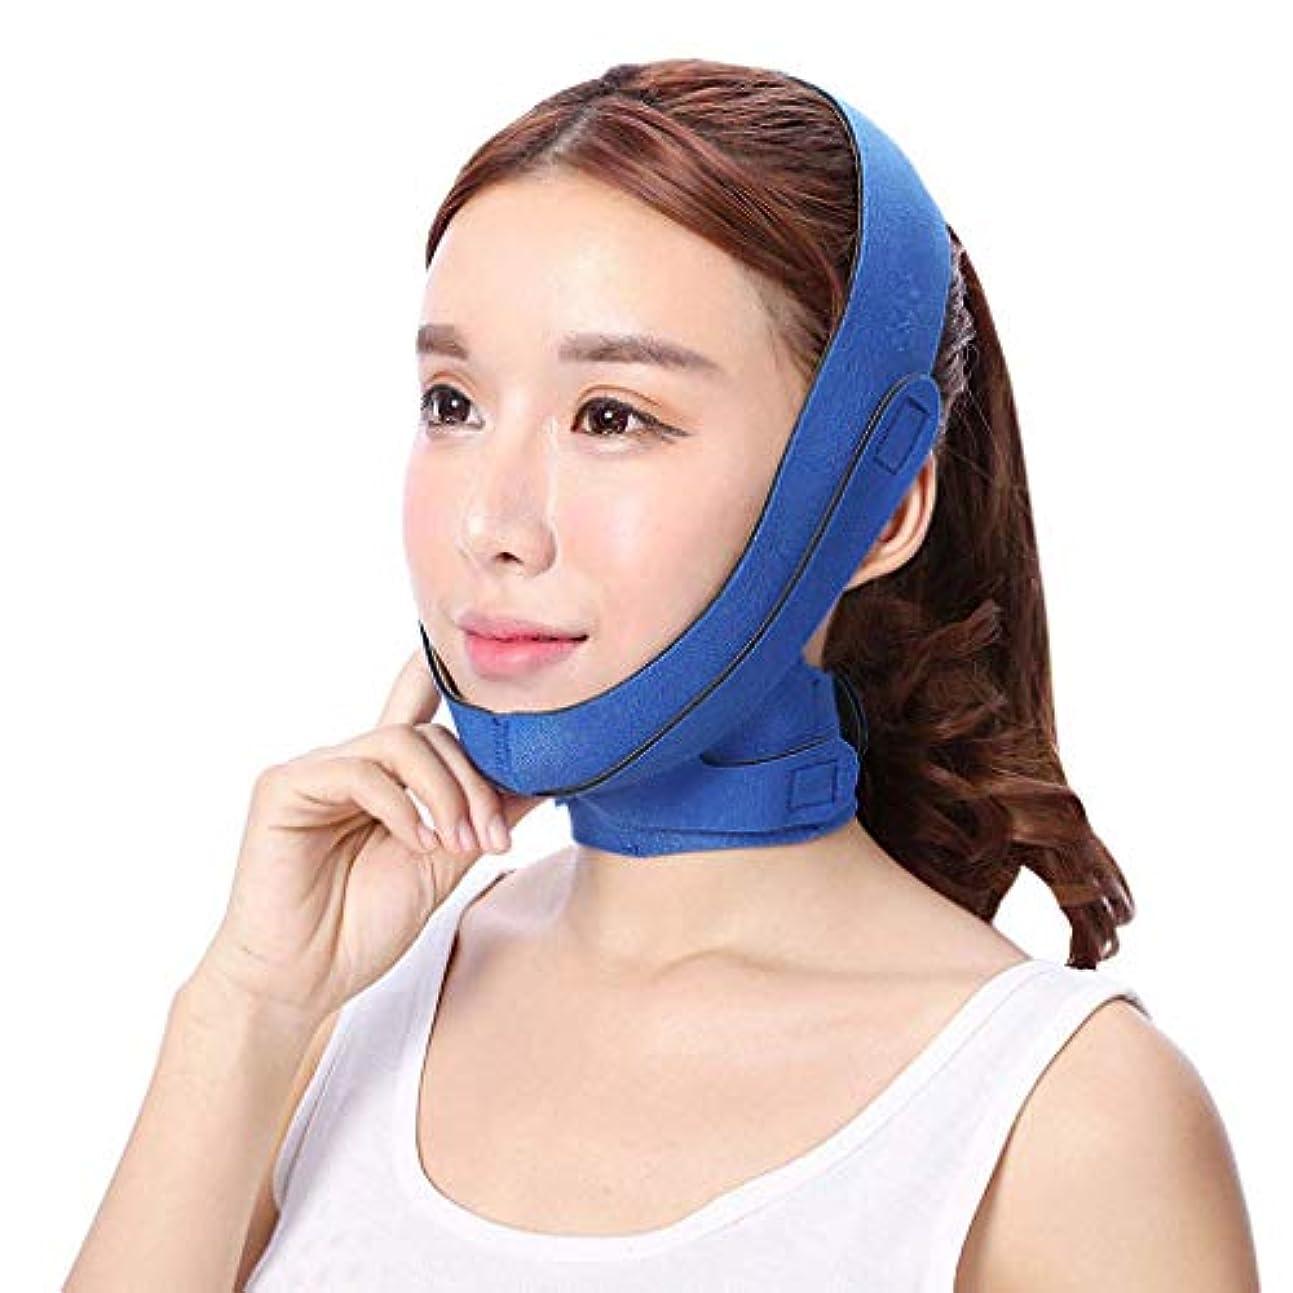 増強する犬干し草HUYYA 女性の顔を持ち上げるベルト、Vライン頬 しわ防止包帯 二重あごの減量顔,Blue_XL